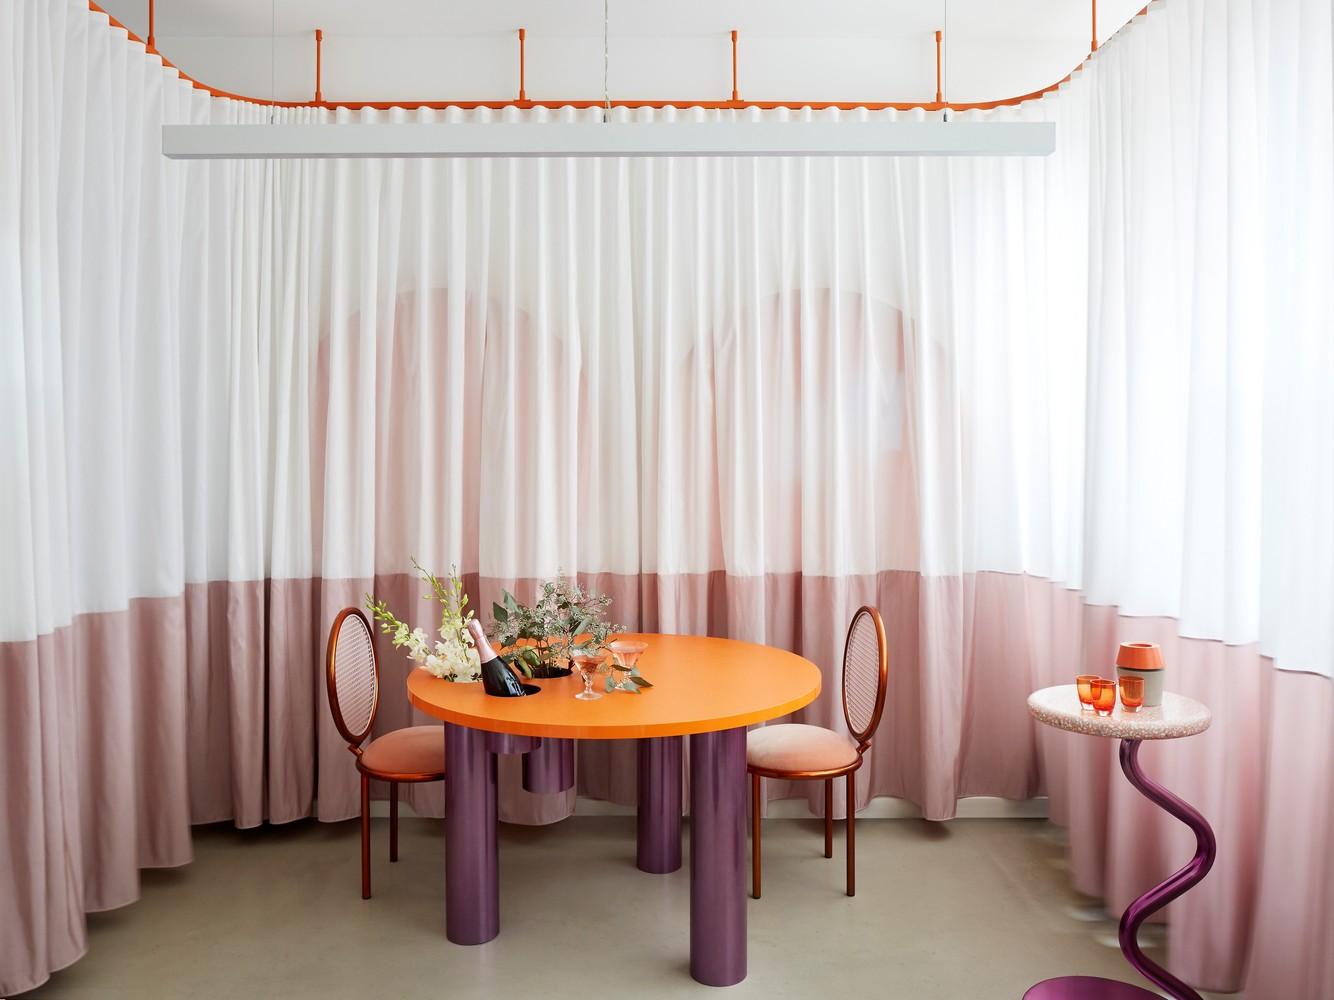 Tendencias en diseño y construcción del 2020: Lo recurrente, popular, relevante y sustancial,Frenches Interior / Sibling Architecture. Image © Christine Francis